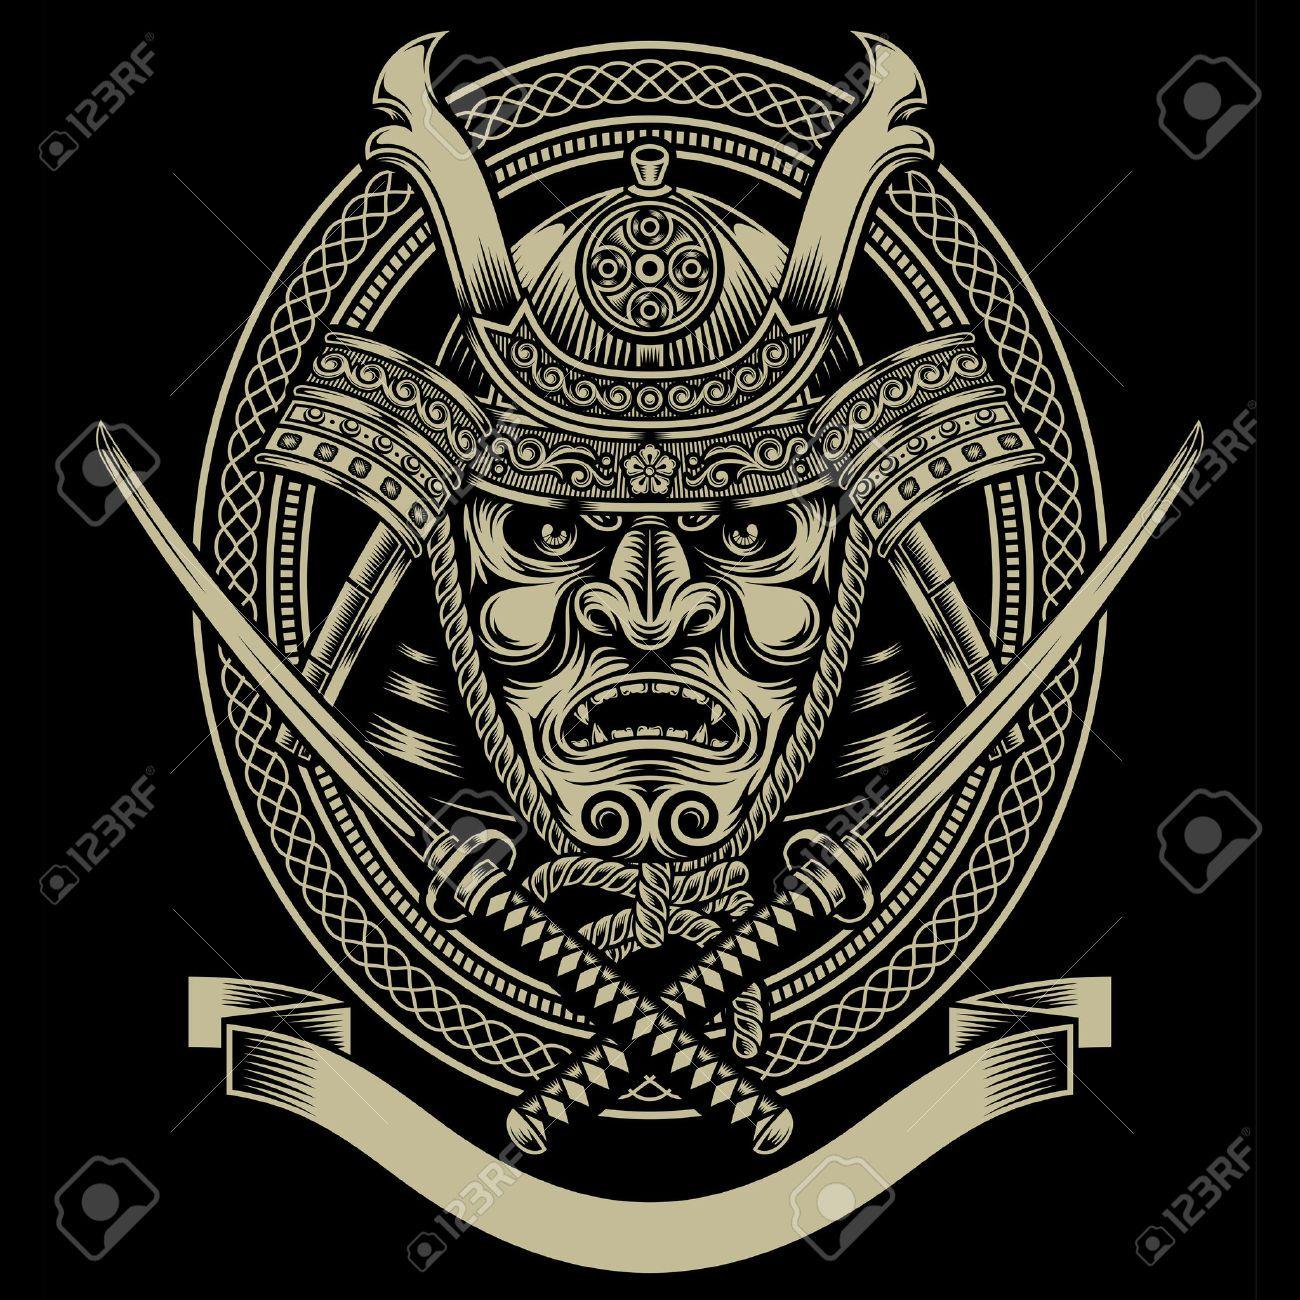 Samurai Warrior With Katana Sword Samurai Casco Arte De Samurai Ronin Samurai